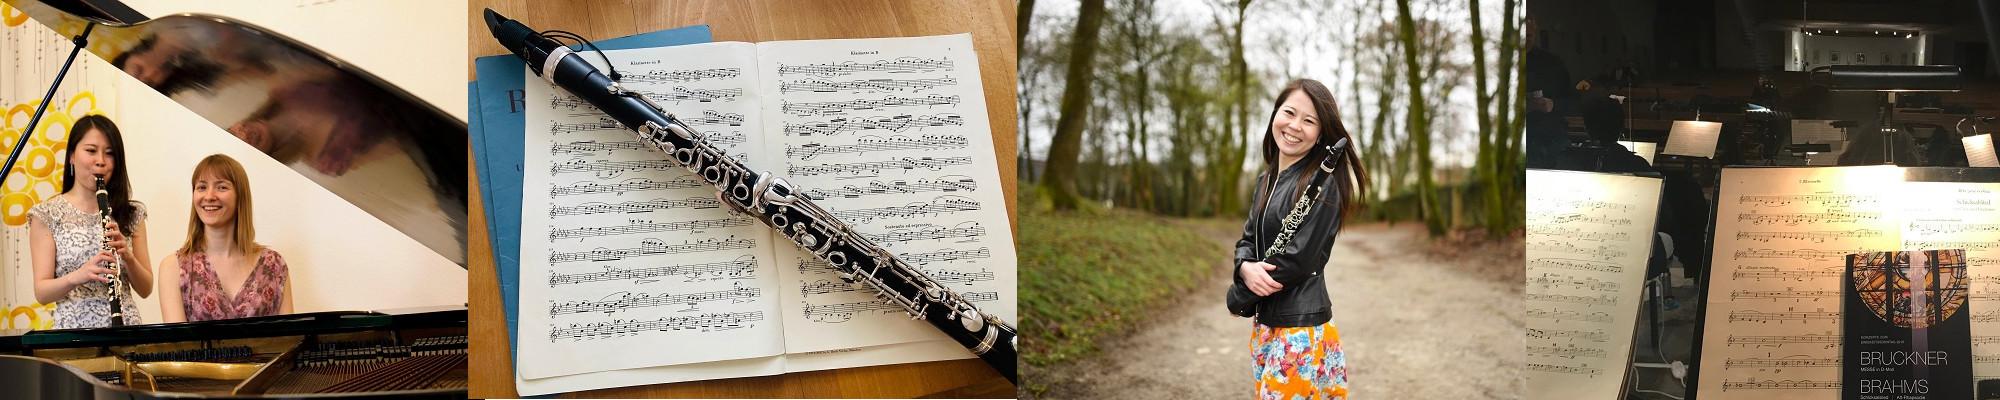 ドイツ在住 演奏家に教わる クラリネット プライベートレッスン